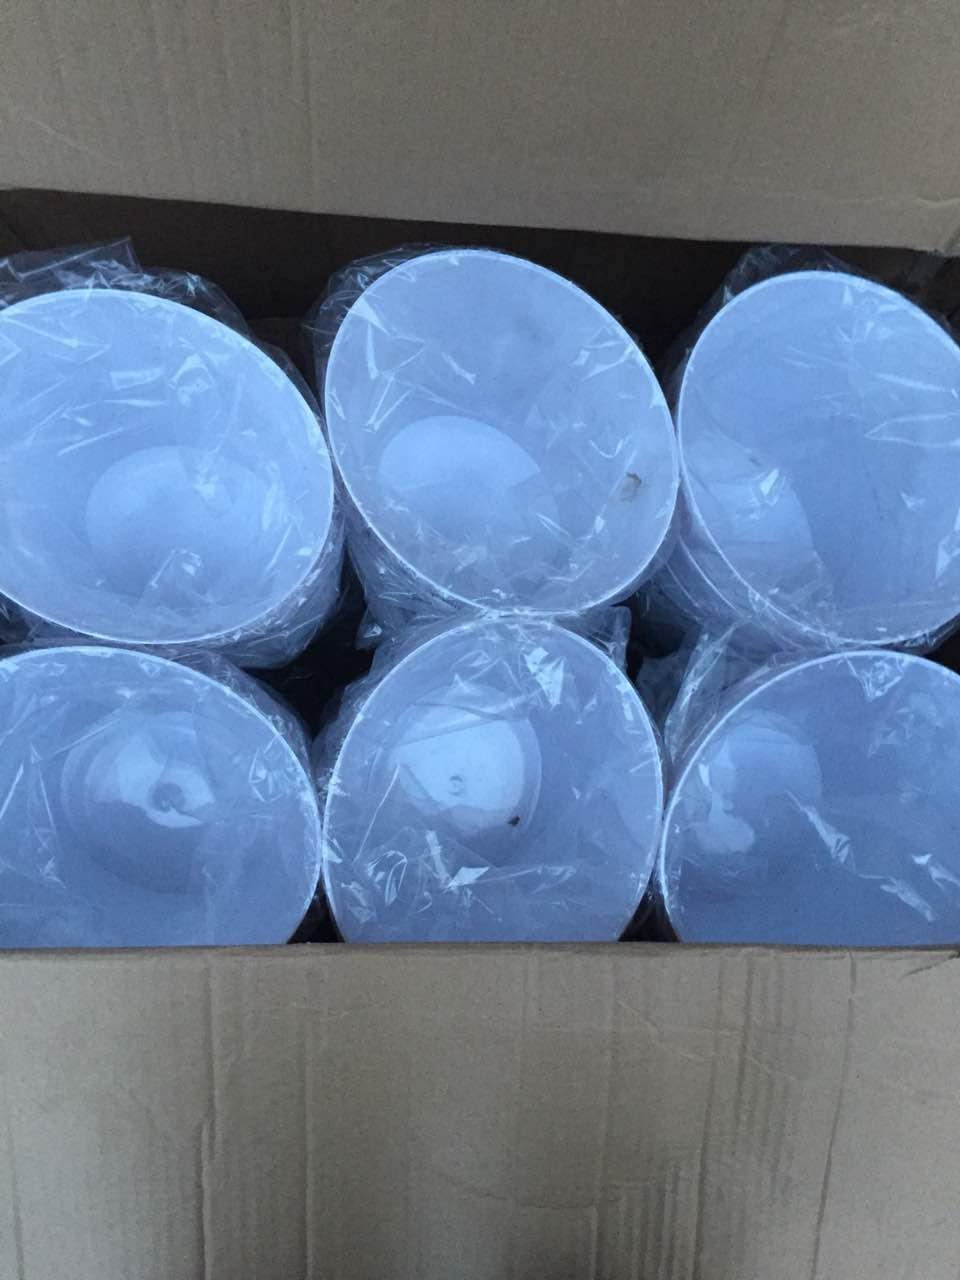 可信赖的塑料回收-东莞靠谱的塑料回收服务